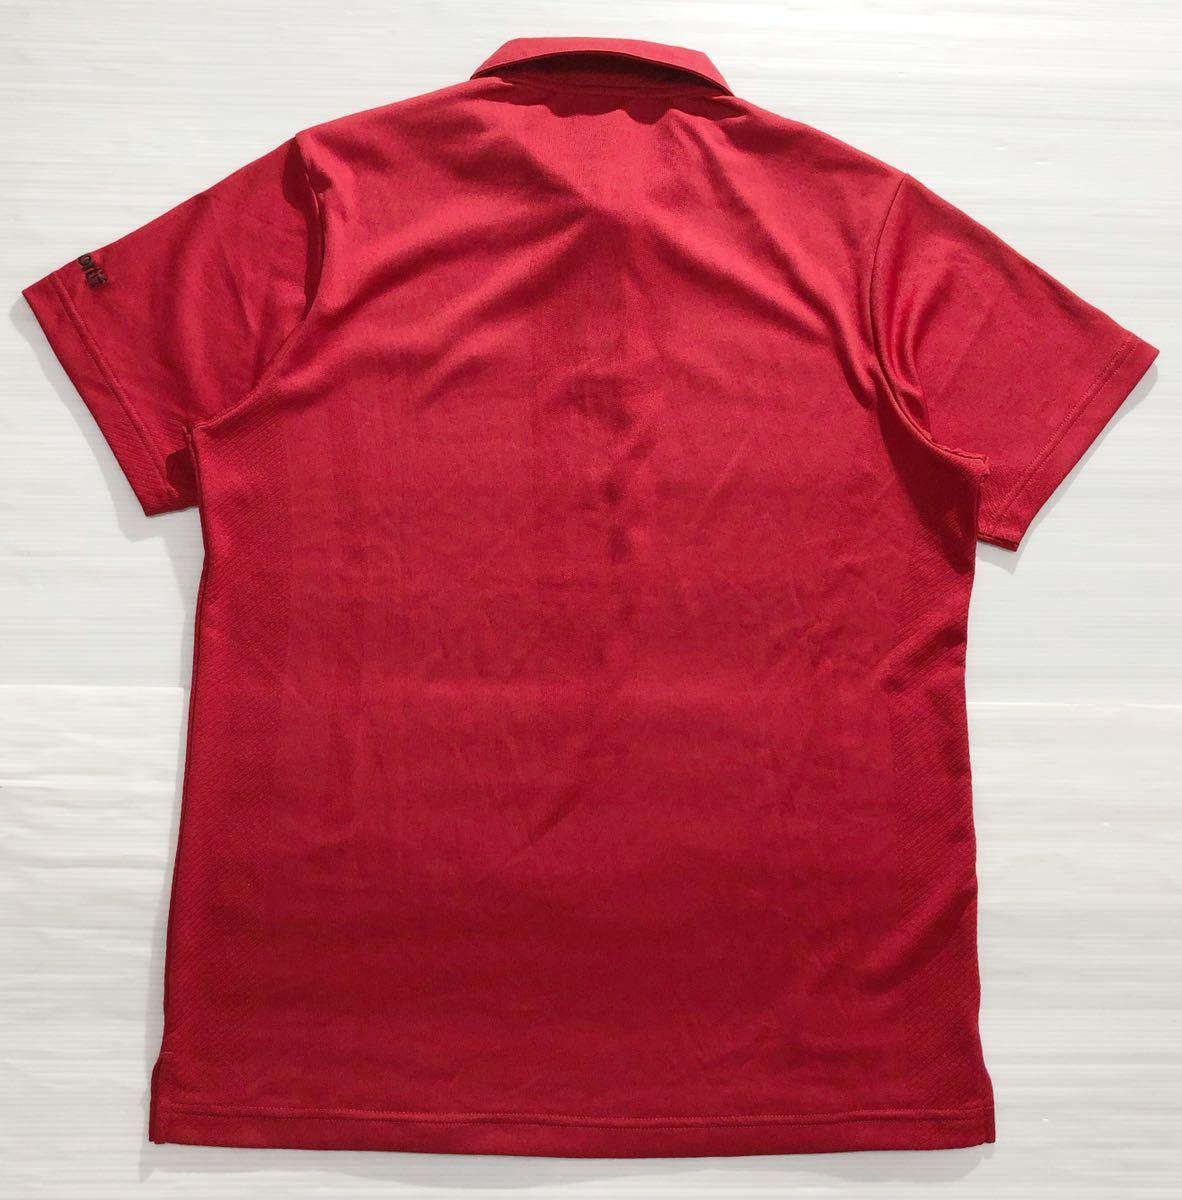 《le coq sportif GOLF ルコックゴルフ》ロゴ刺繍 半袖 ポロシャツ レッド_画像2